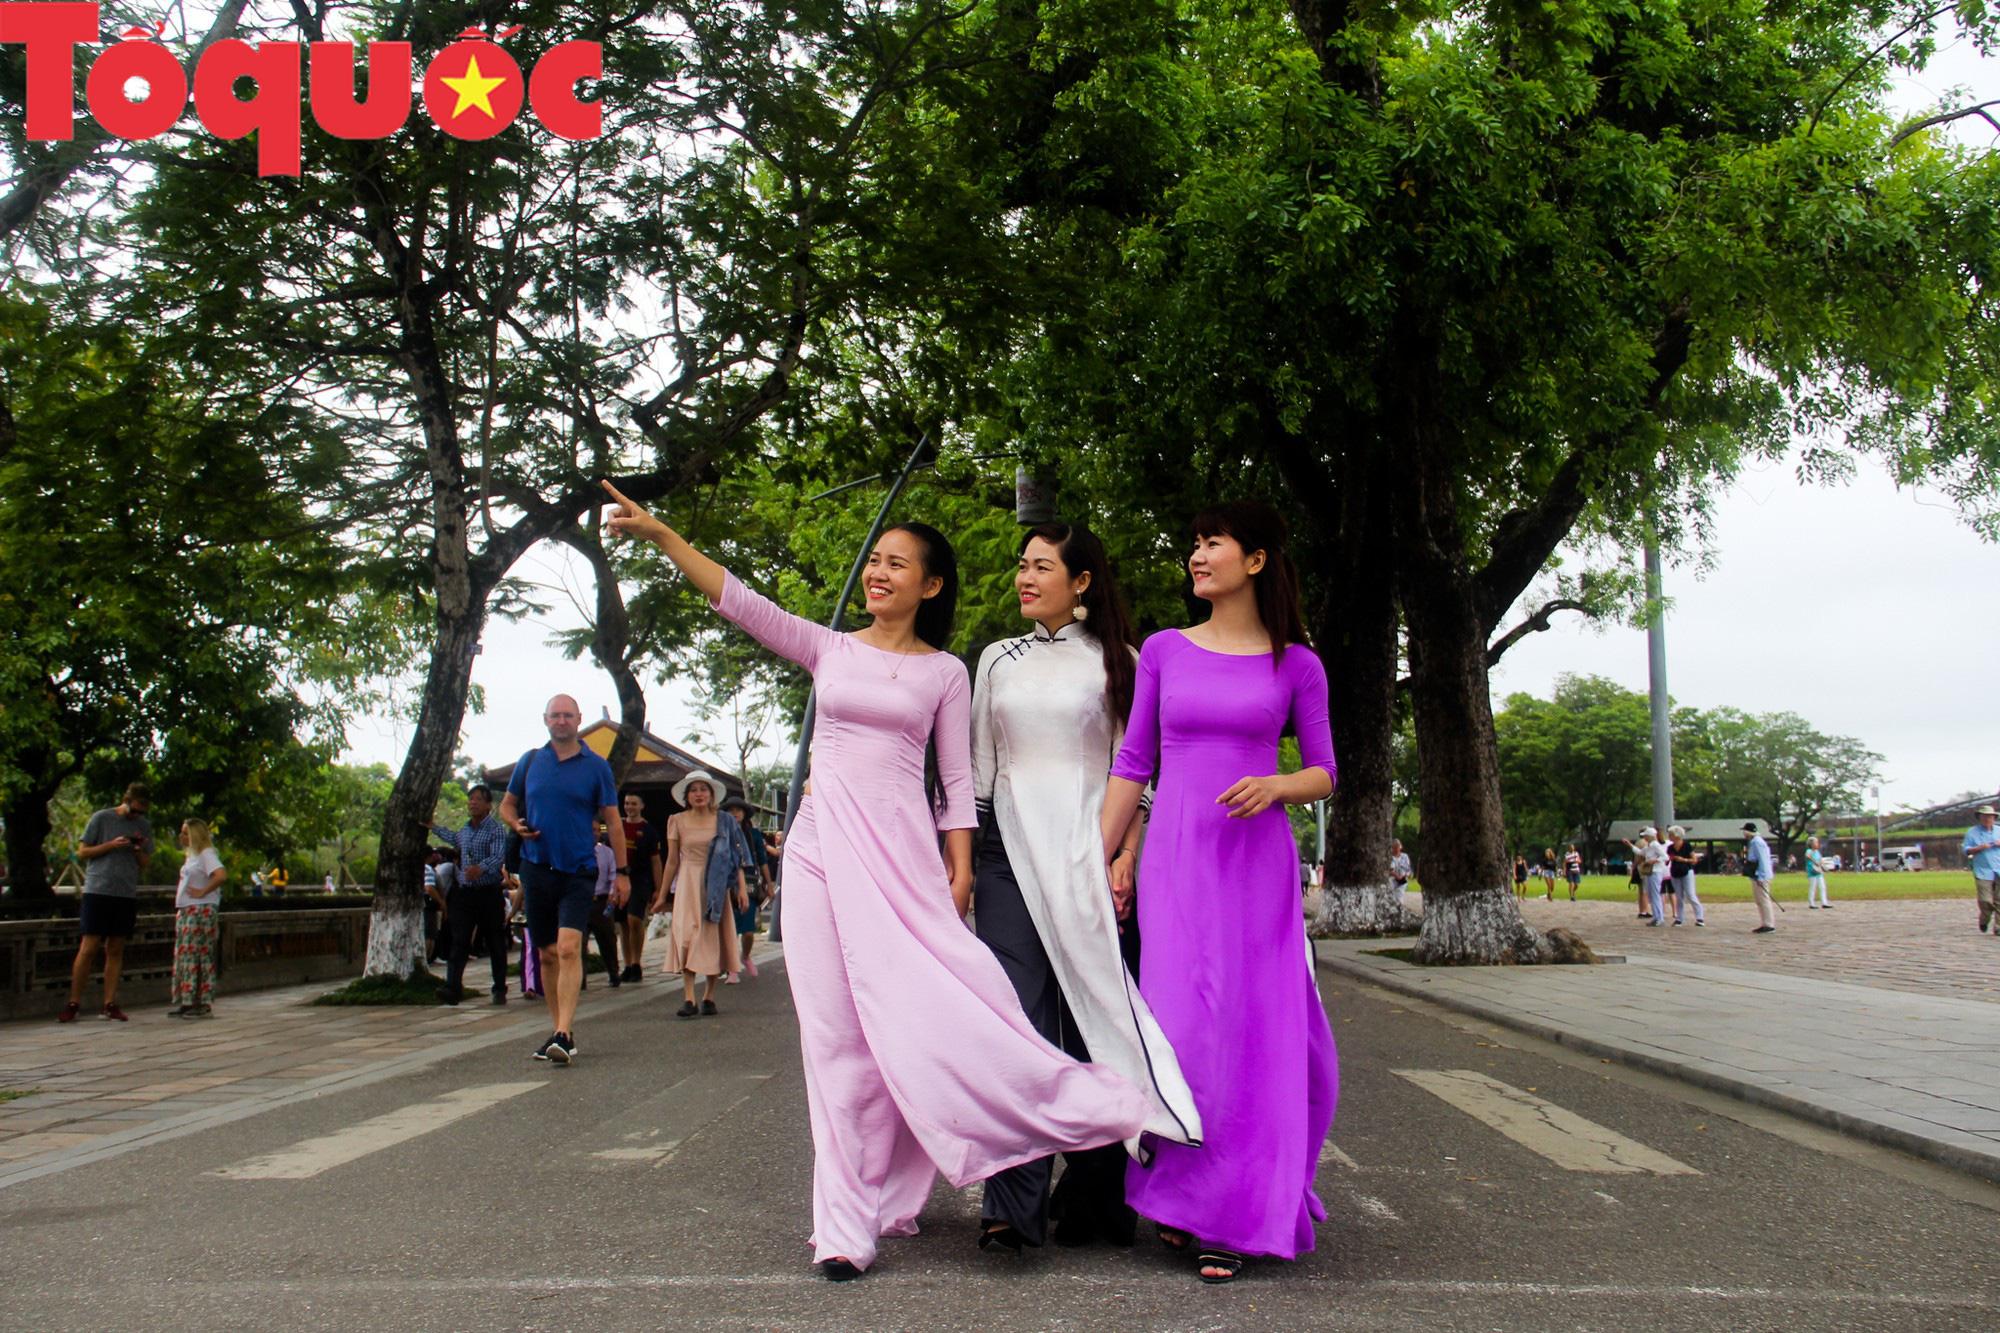 Ấn tượng hình ảnh hàng trăm tà áo dài thướt tha trong Đại Nội Huế ngày 8/3 - Ảnh 2.